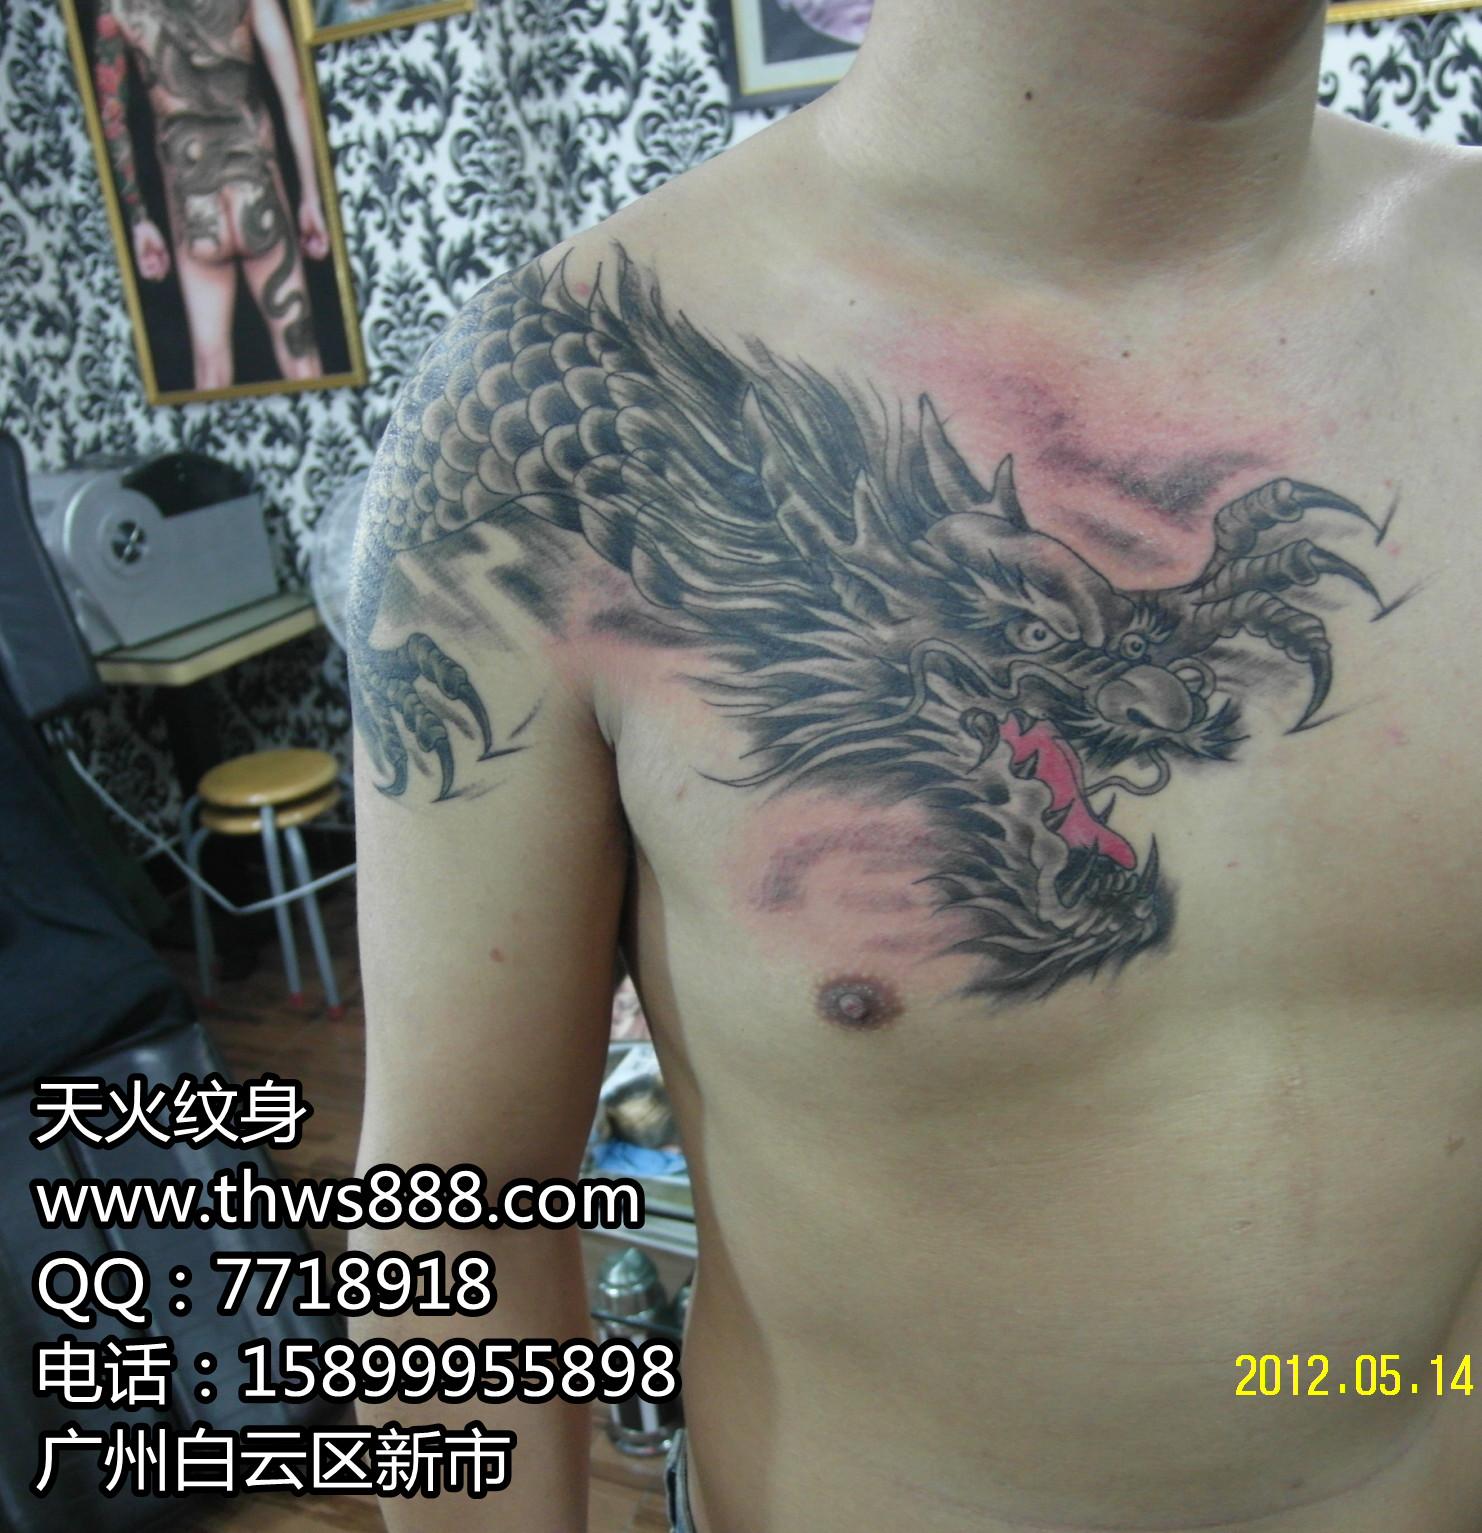 披肩龙纹身001 - 纹身,广州纹身,天火纹身,刺青,专业